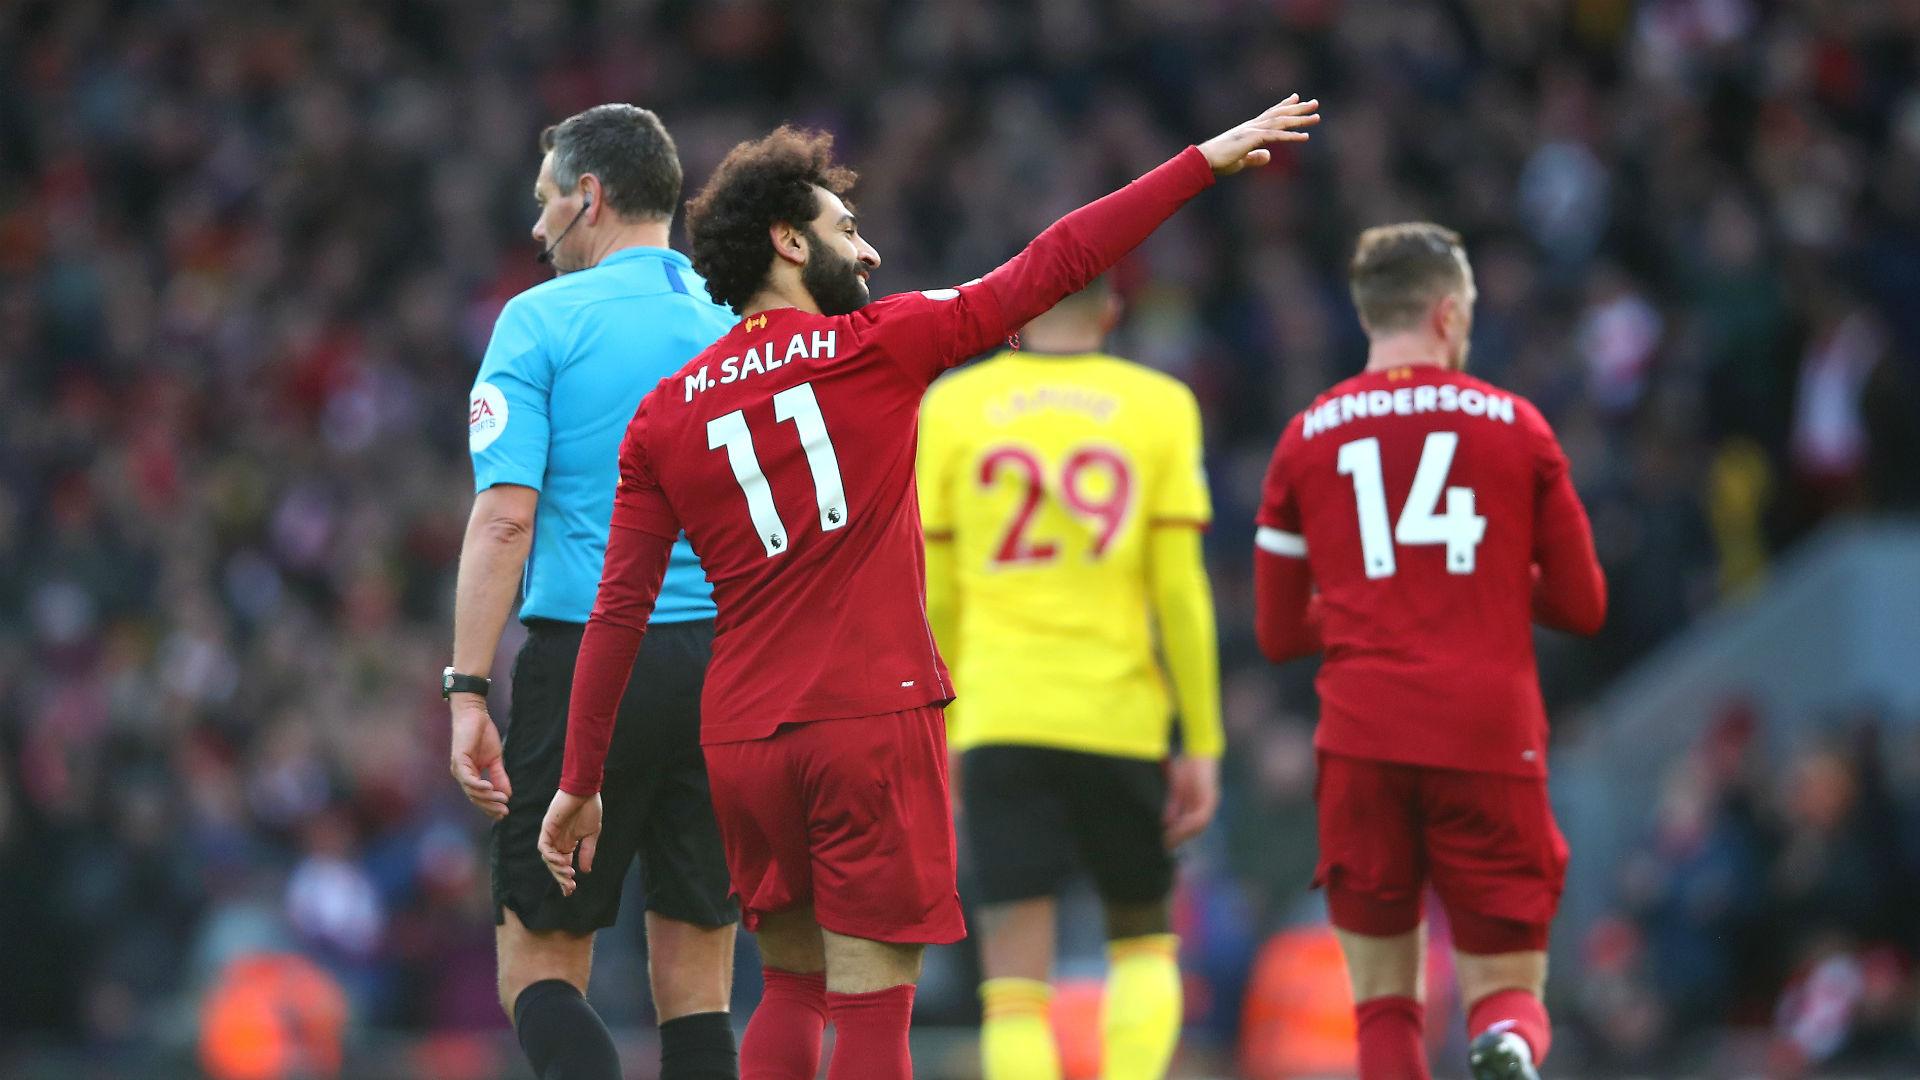 Salah has shades of Messi, claims Wenger